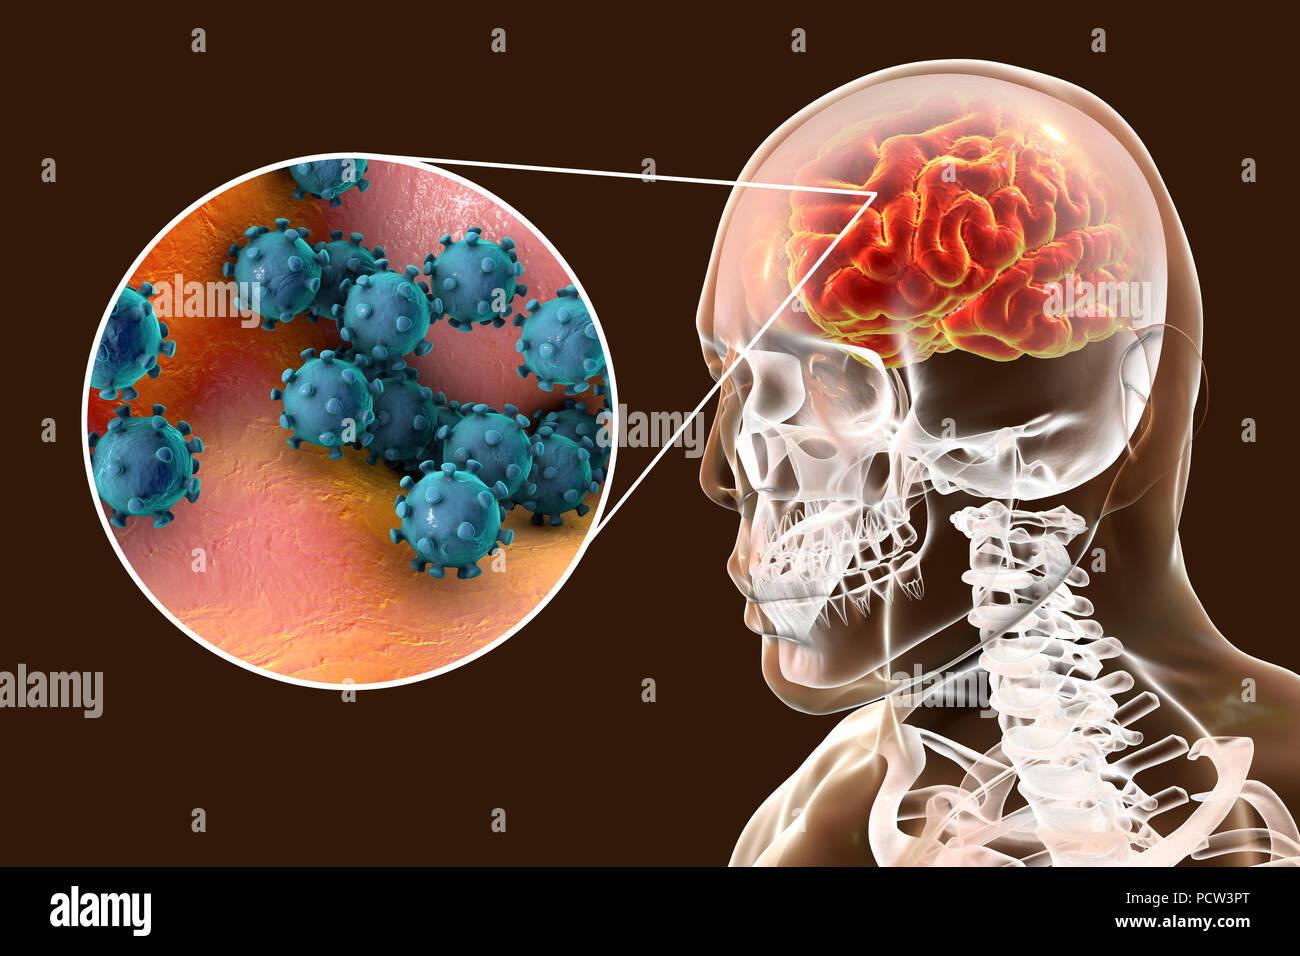 La encefalitis viral. Ilustración conceptual mostrando el cerebro ...